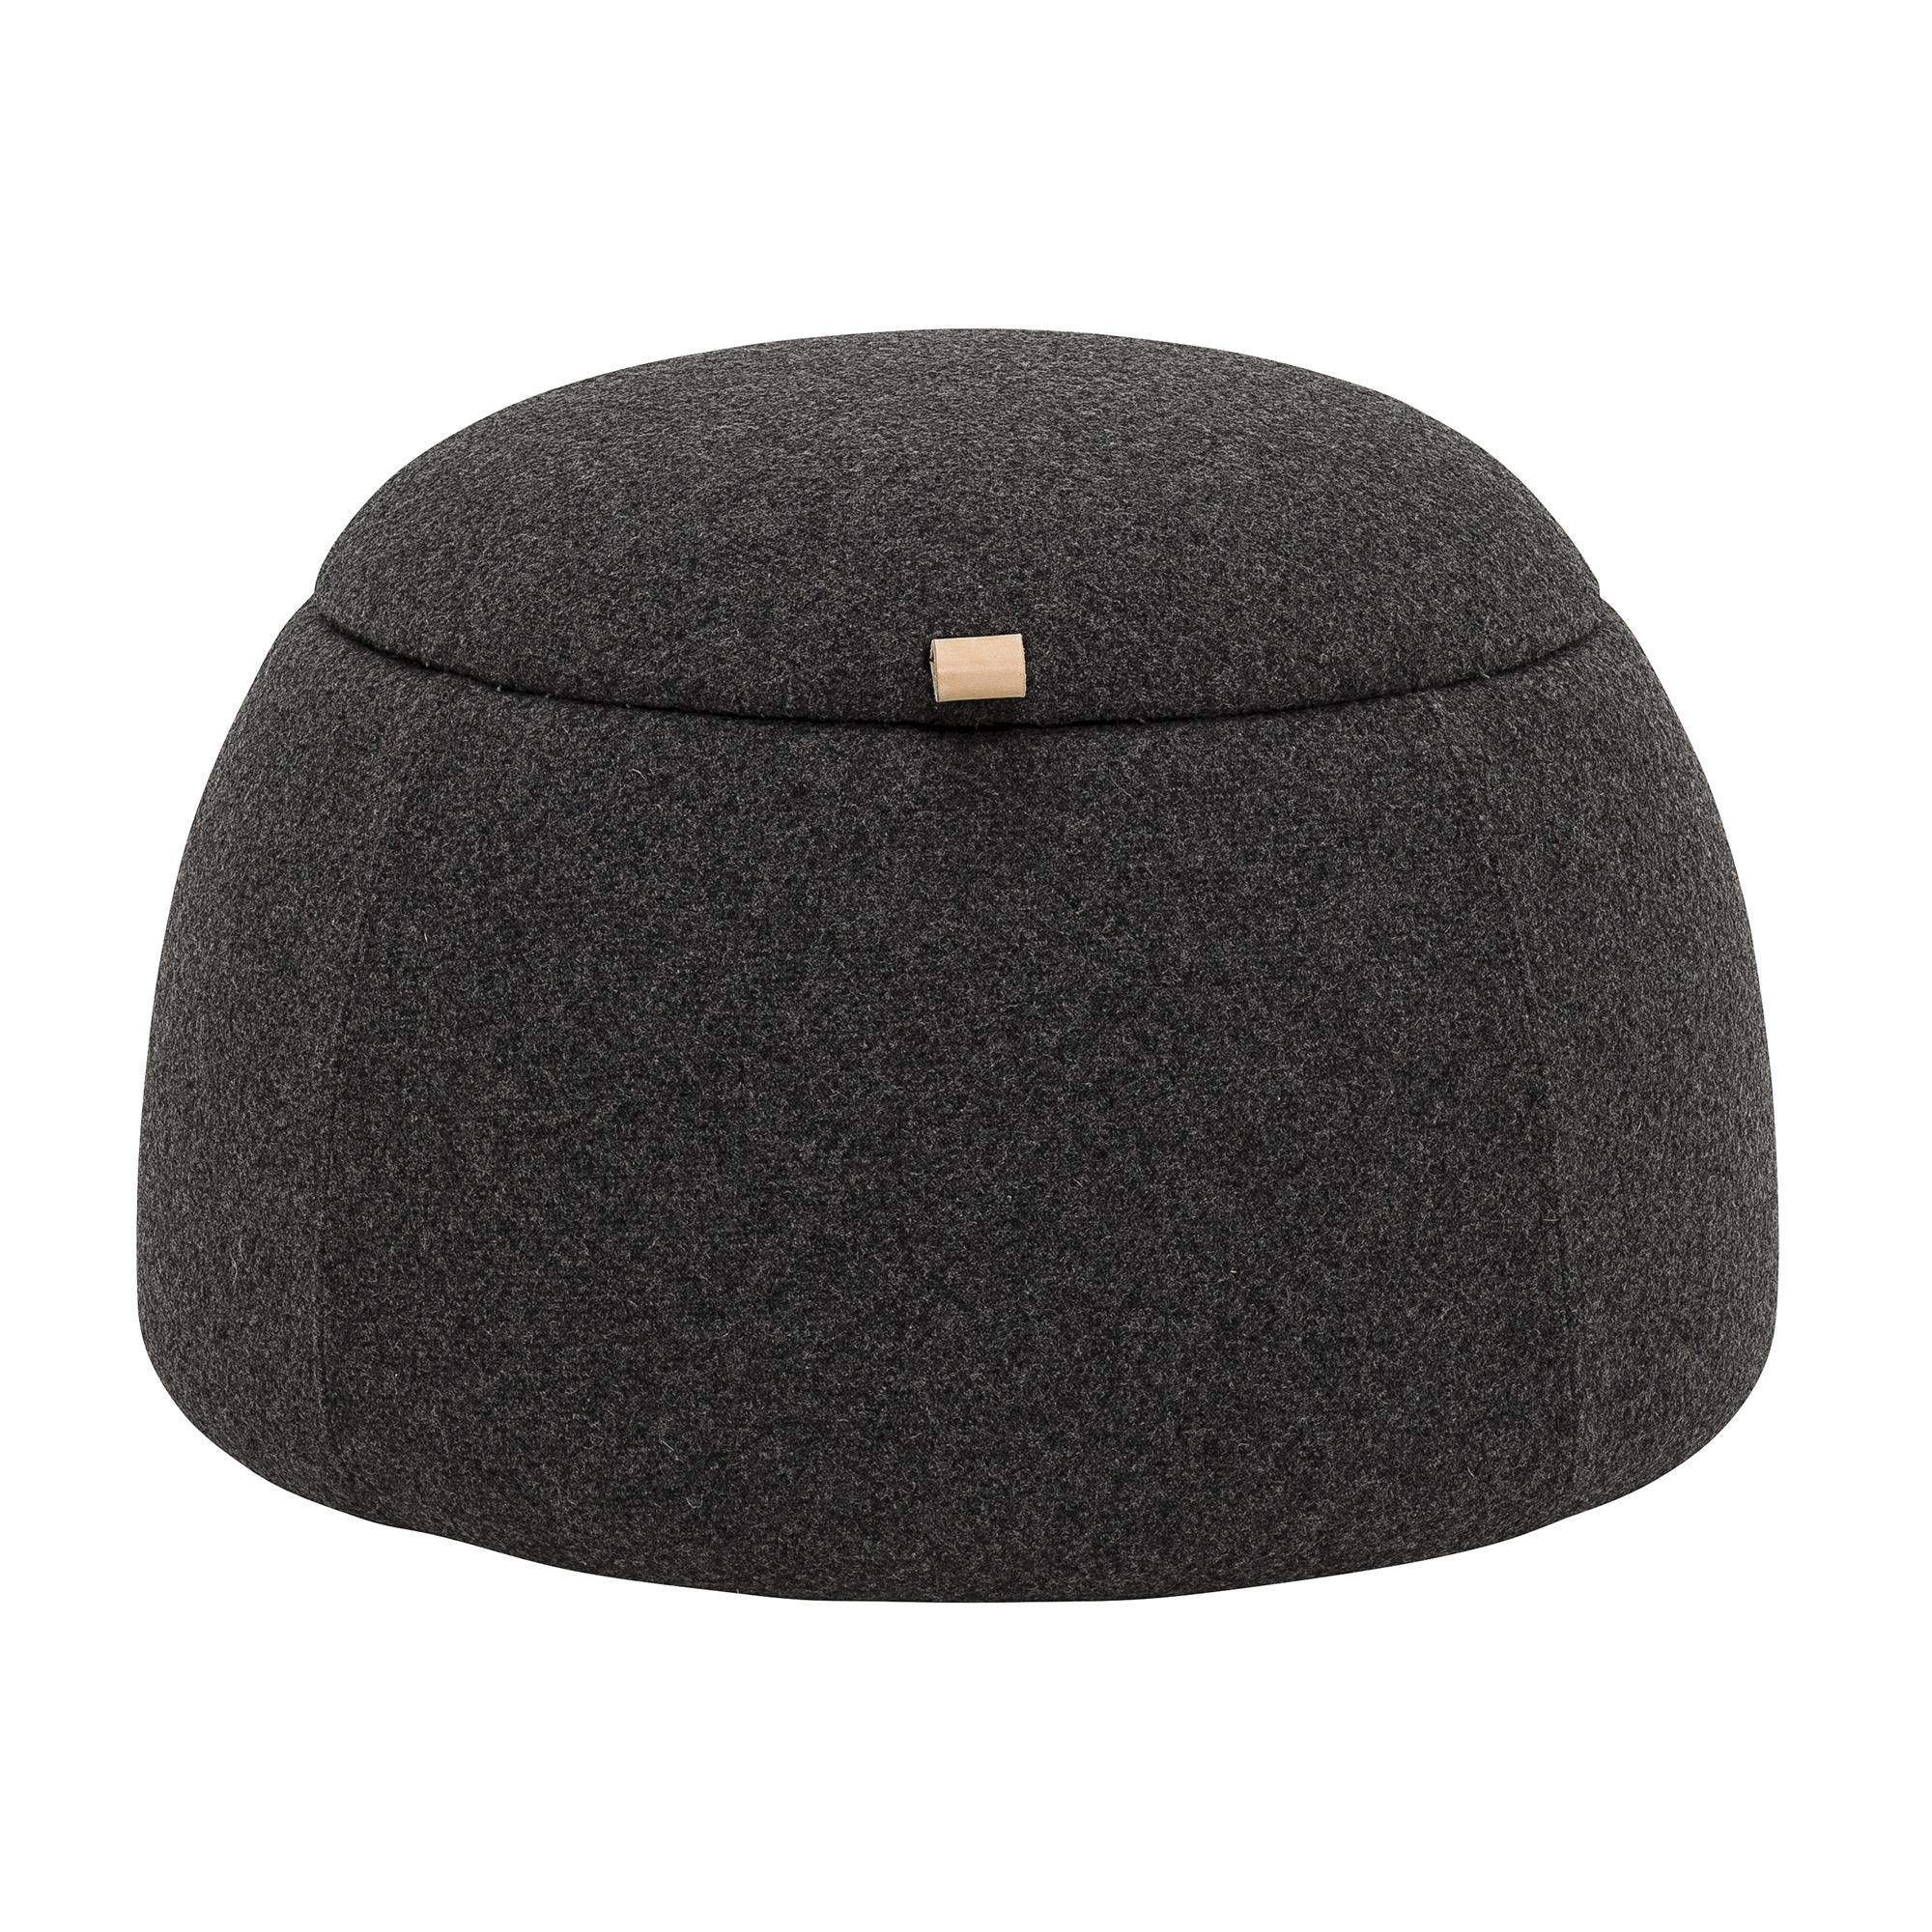 Купить Пуф Rock темно-серого цвета, inmyroom, Дания